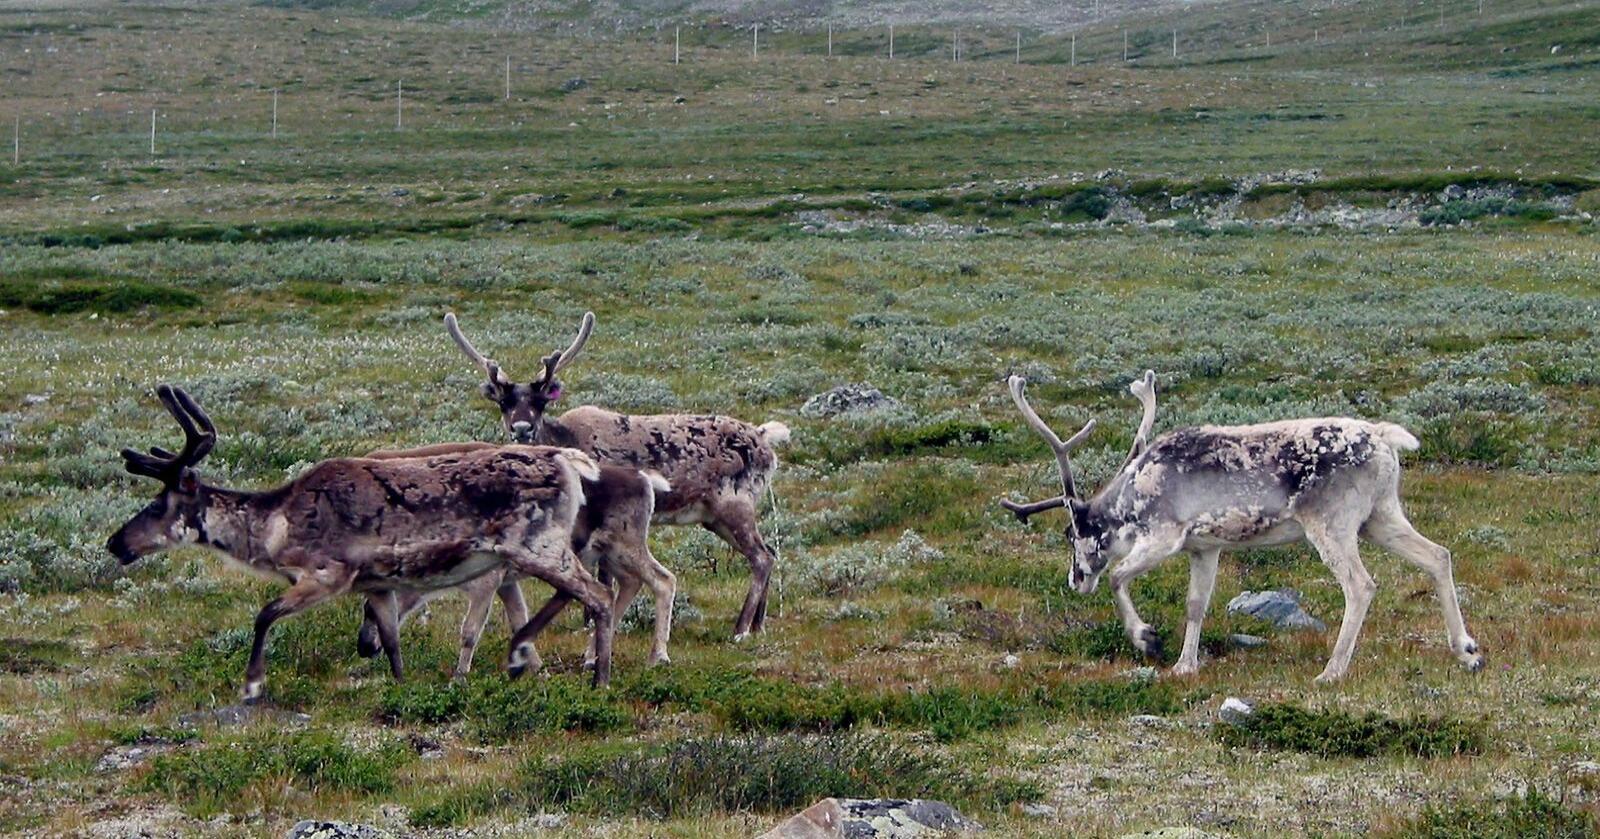 Det er påvist smittsom skrantesyke hos en villreinbukk på Hardangervidda. Her et bilde av reinsdyr på vidda. Illustrasjonsfoto: Lise Åserud / NTB scanpix